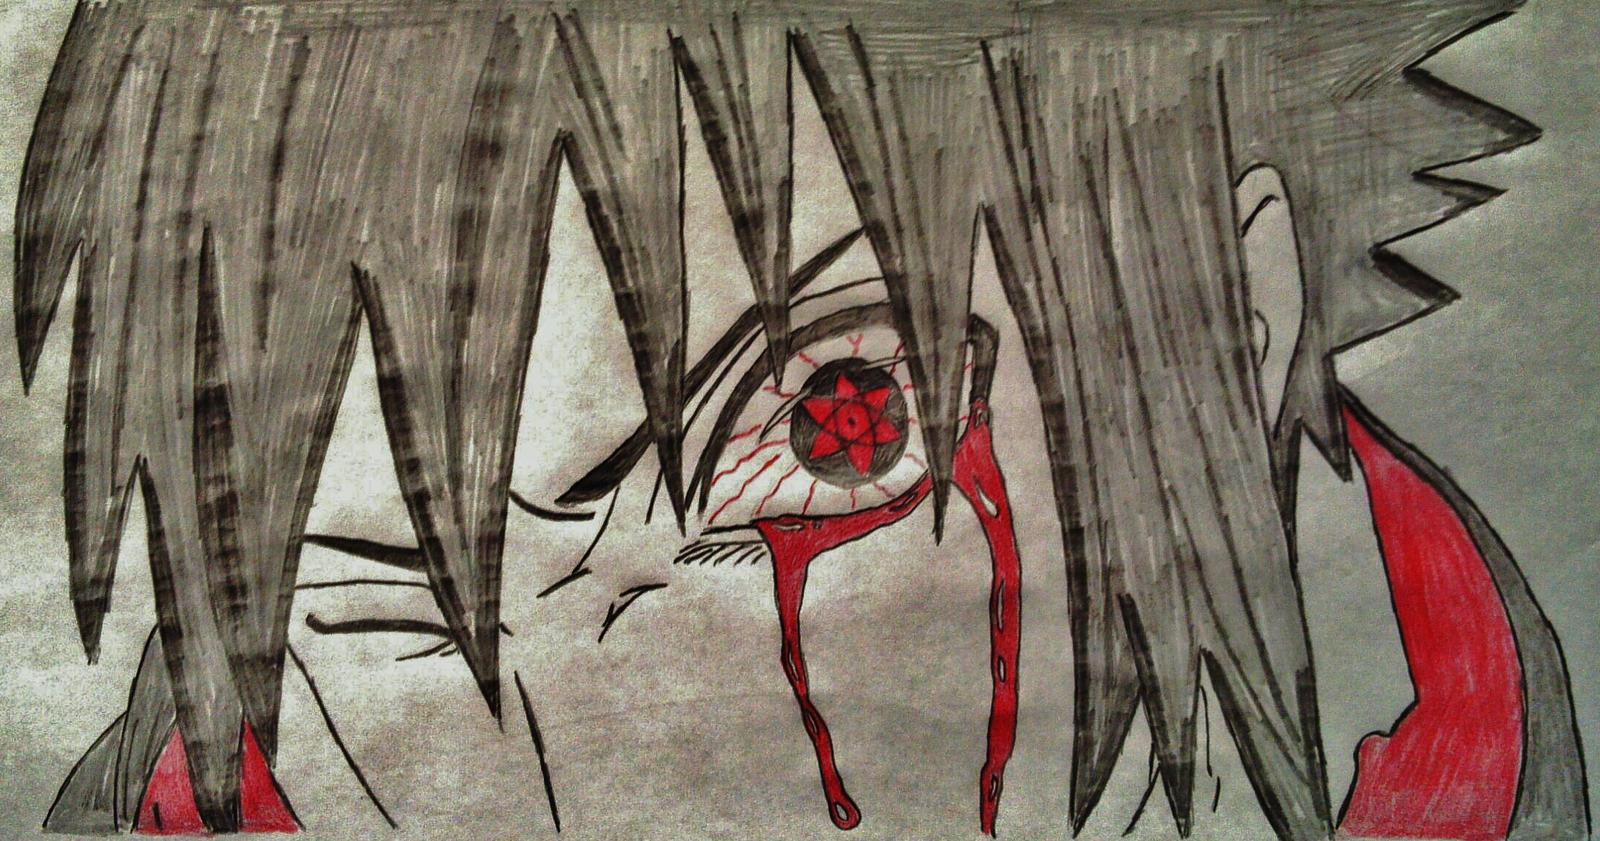 Sasuke Mangekyou Sharingan by atisorn-badboy on DeviantArt